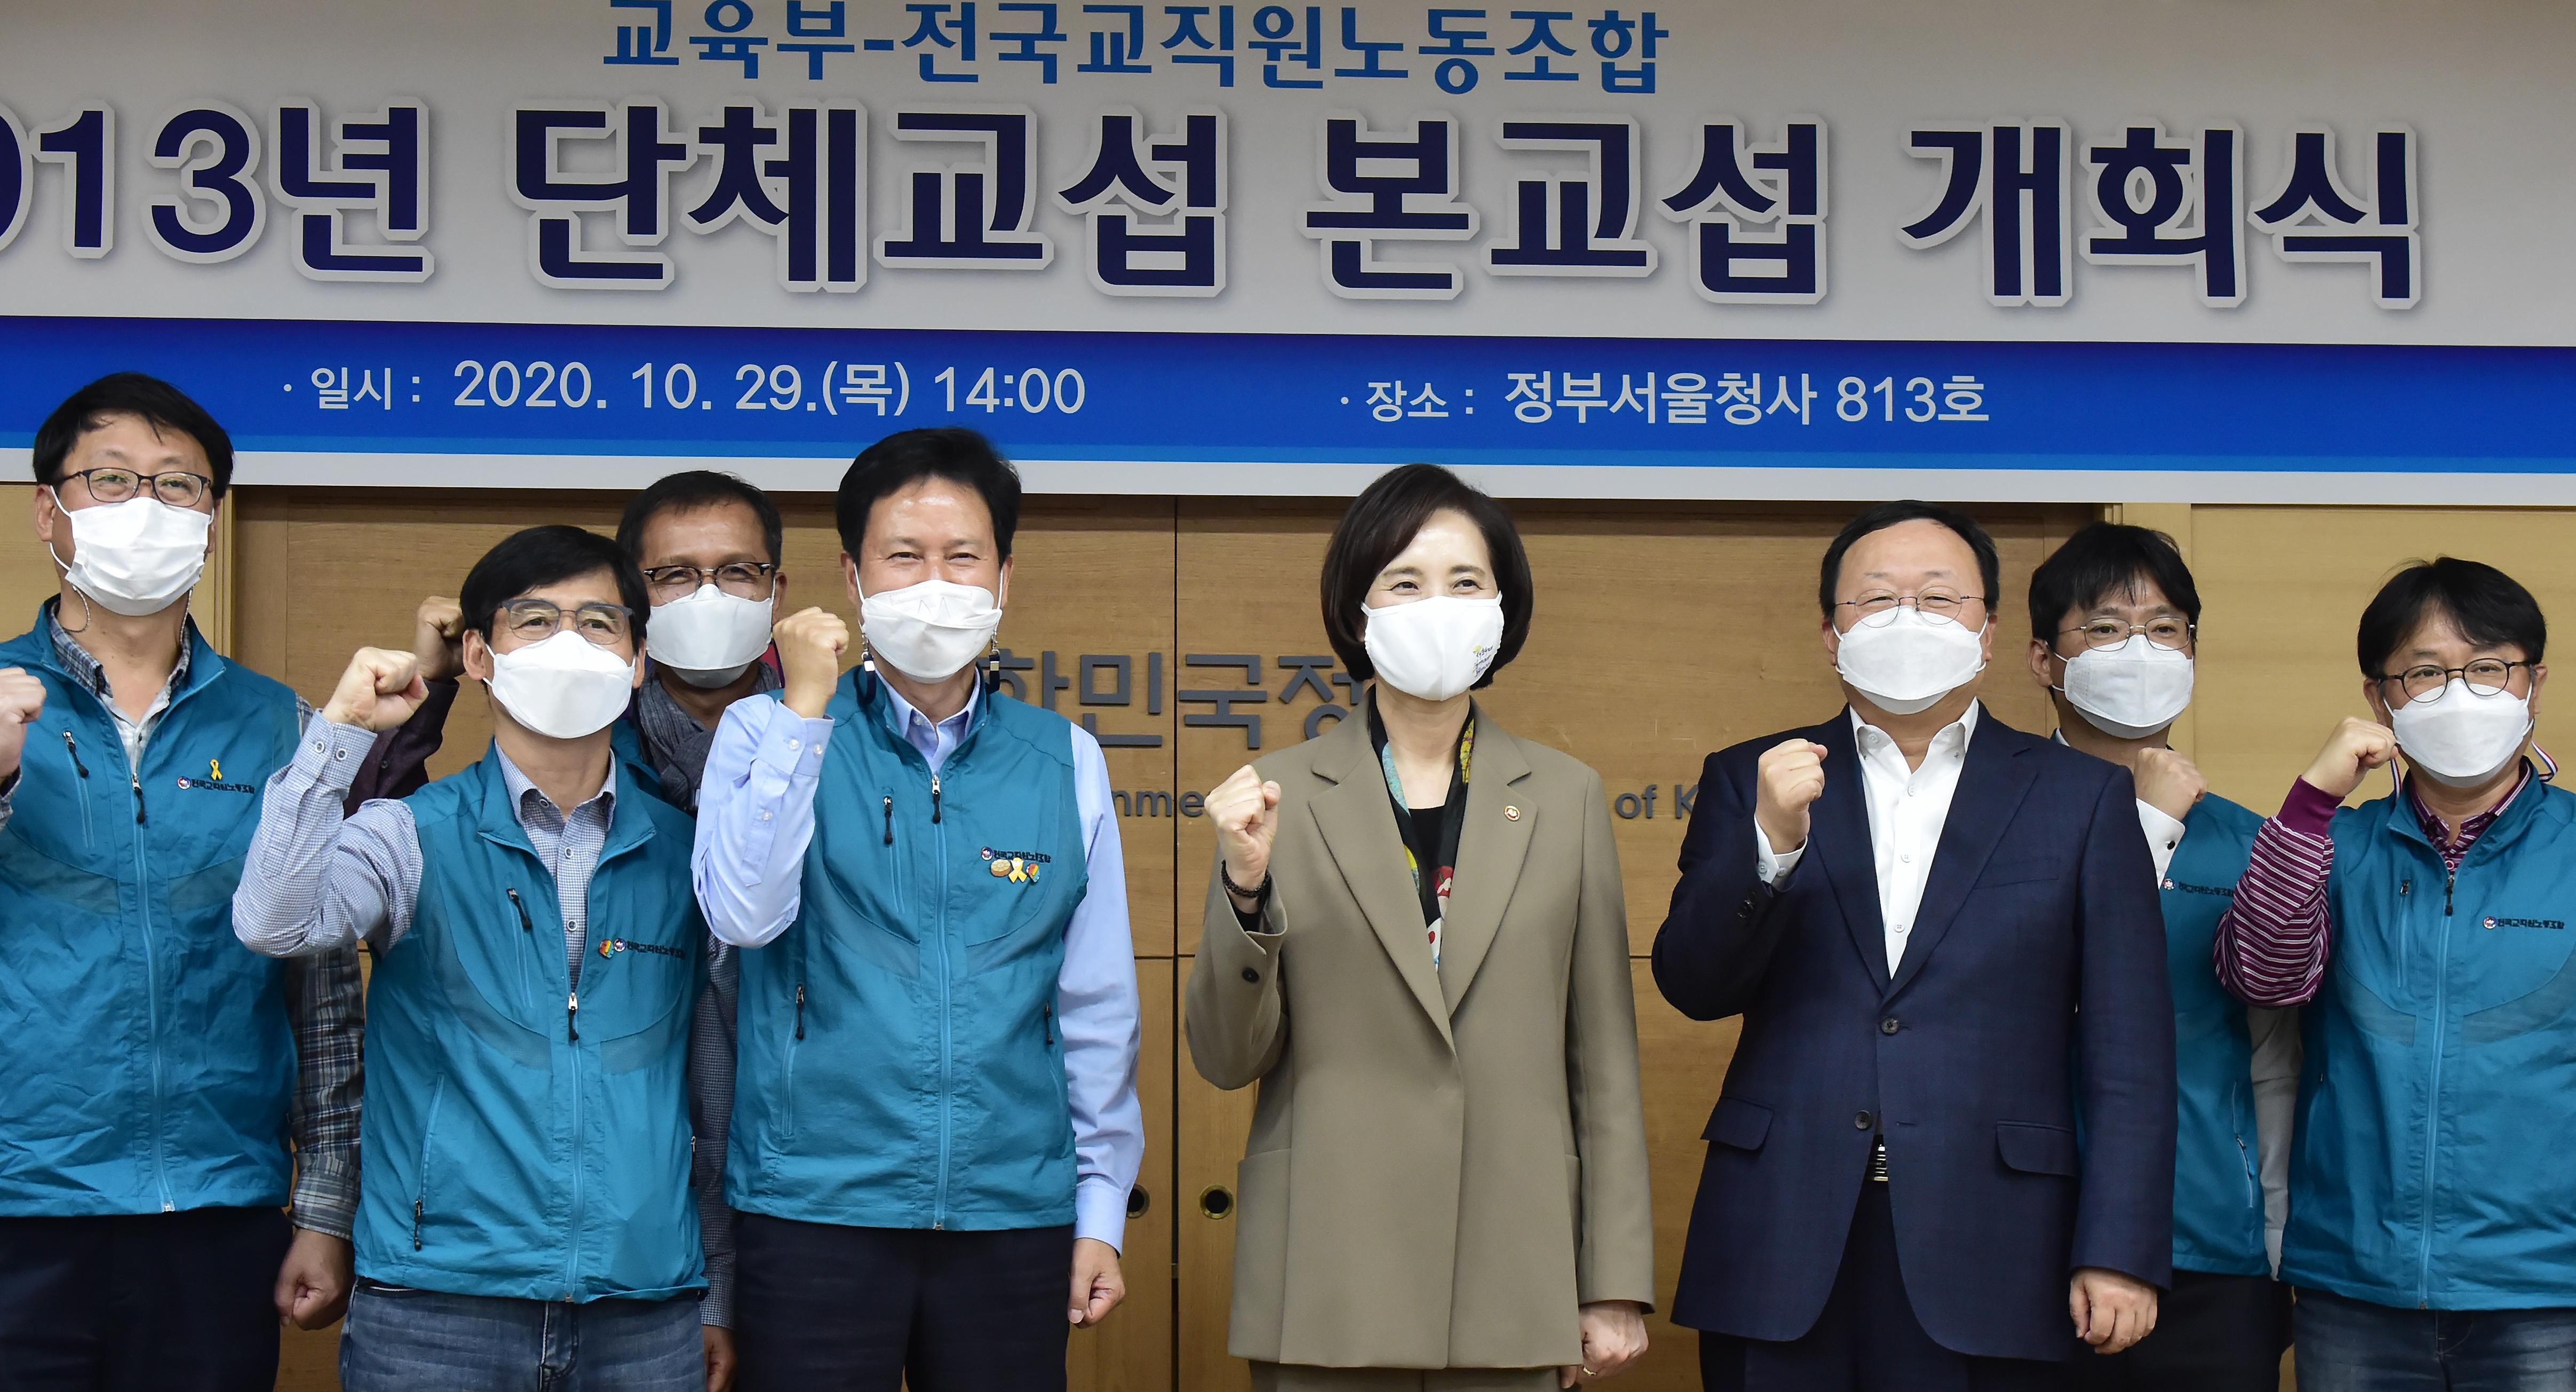 법적지위 회복 '전교조' 7년만에 교육부와 재교섭